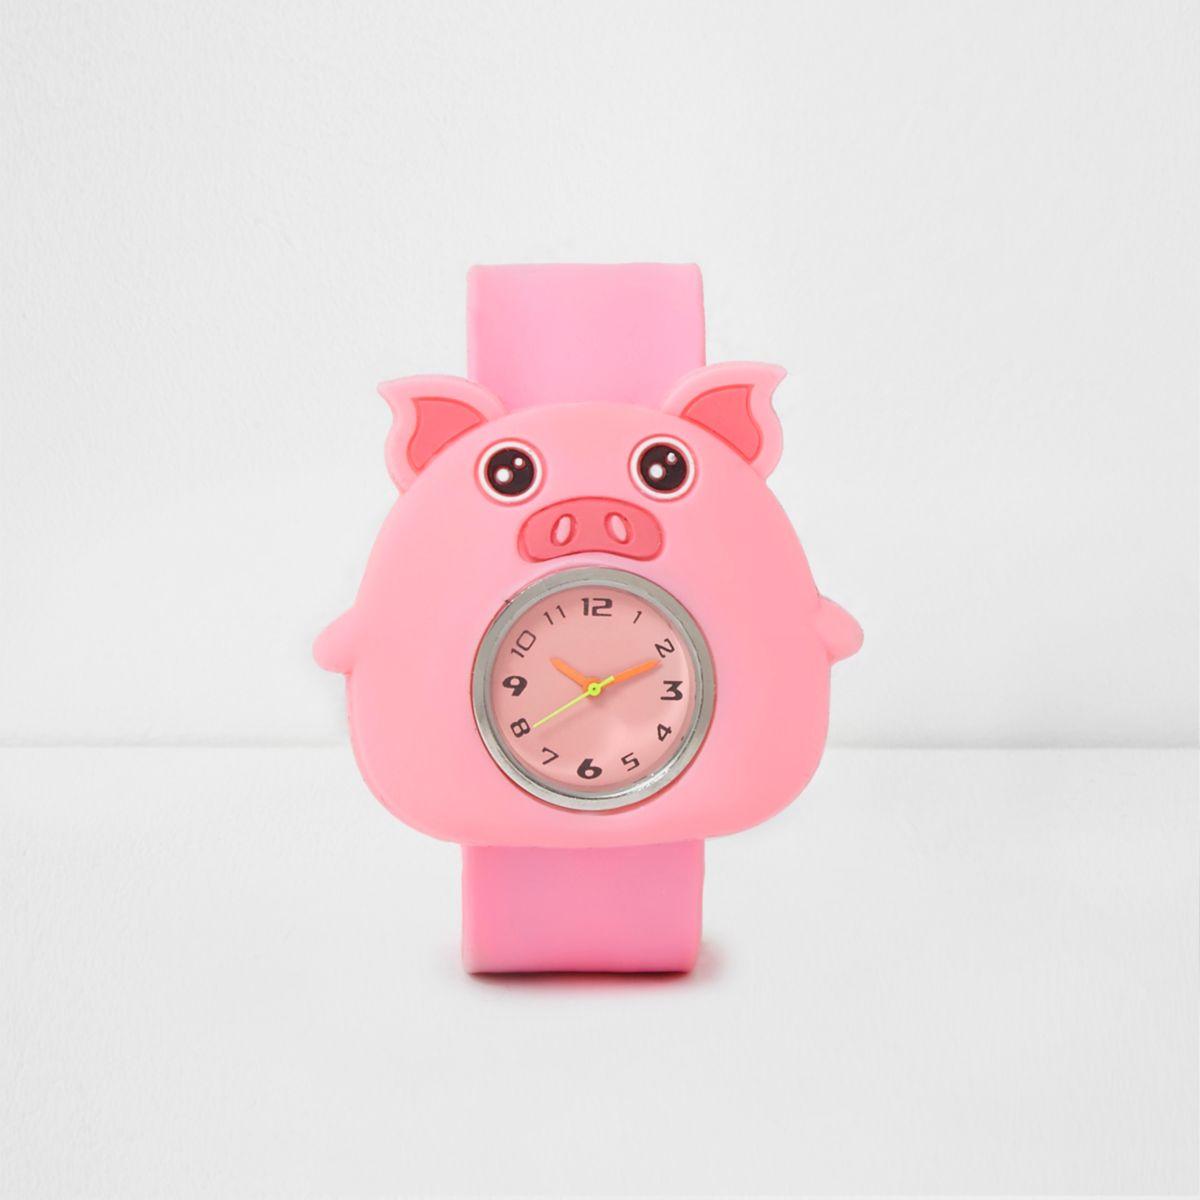 Rosa Armbanduhr im Schweinchendesign für Mädchen